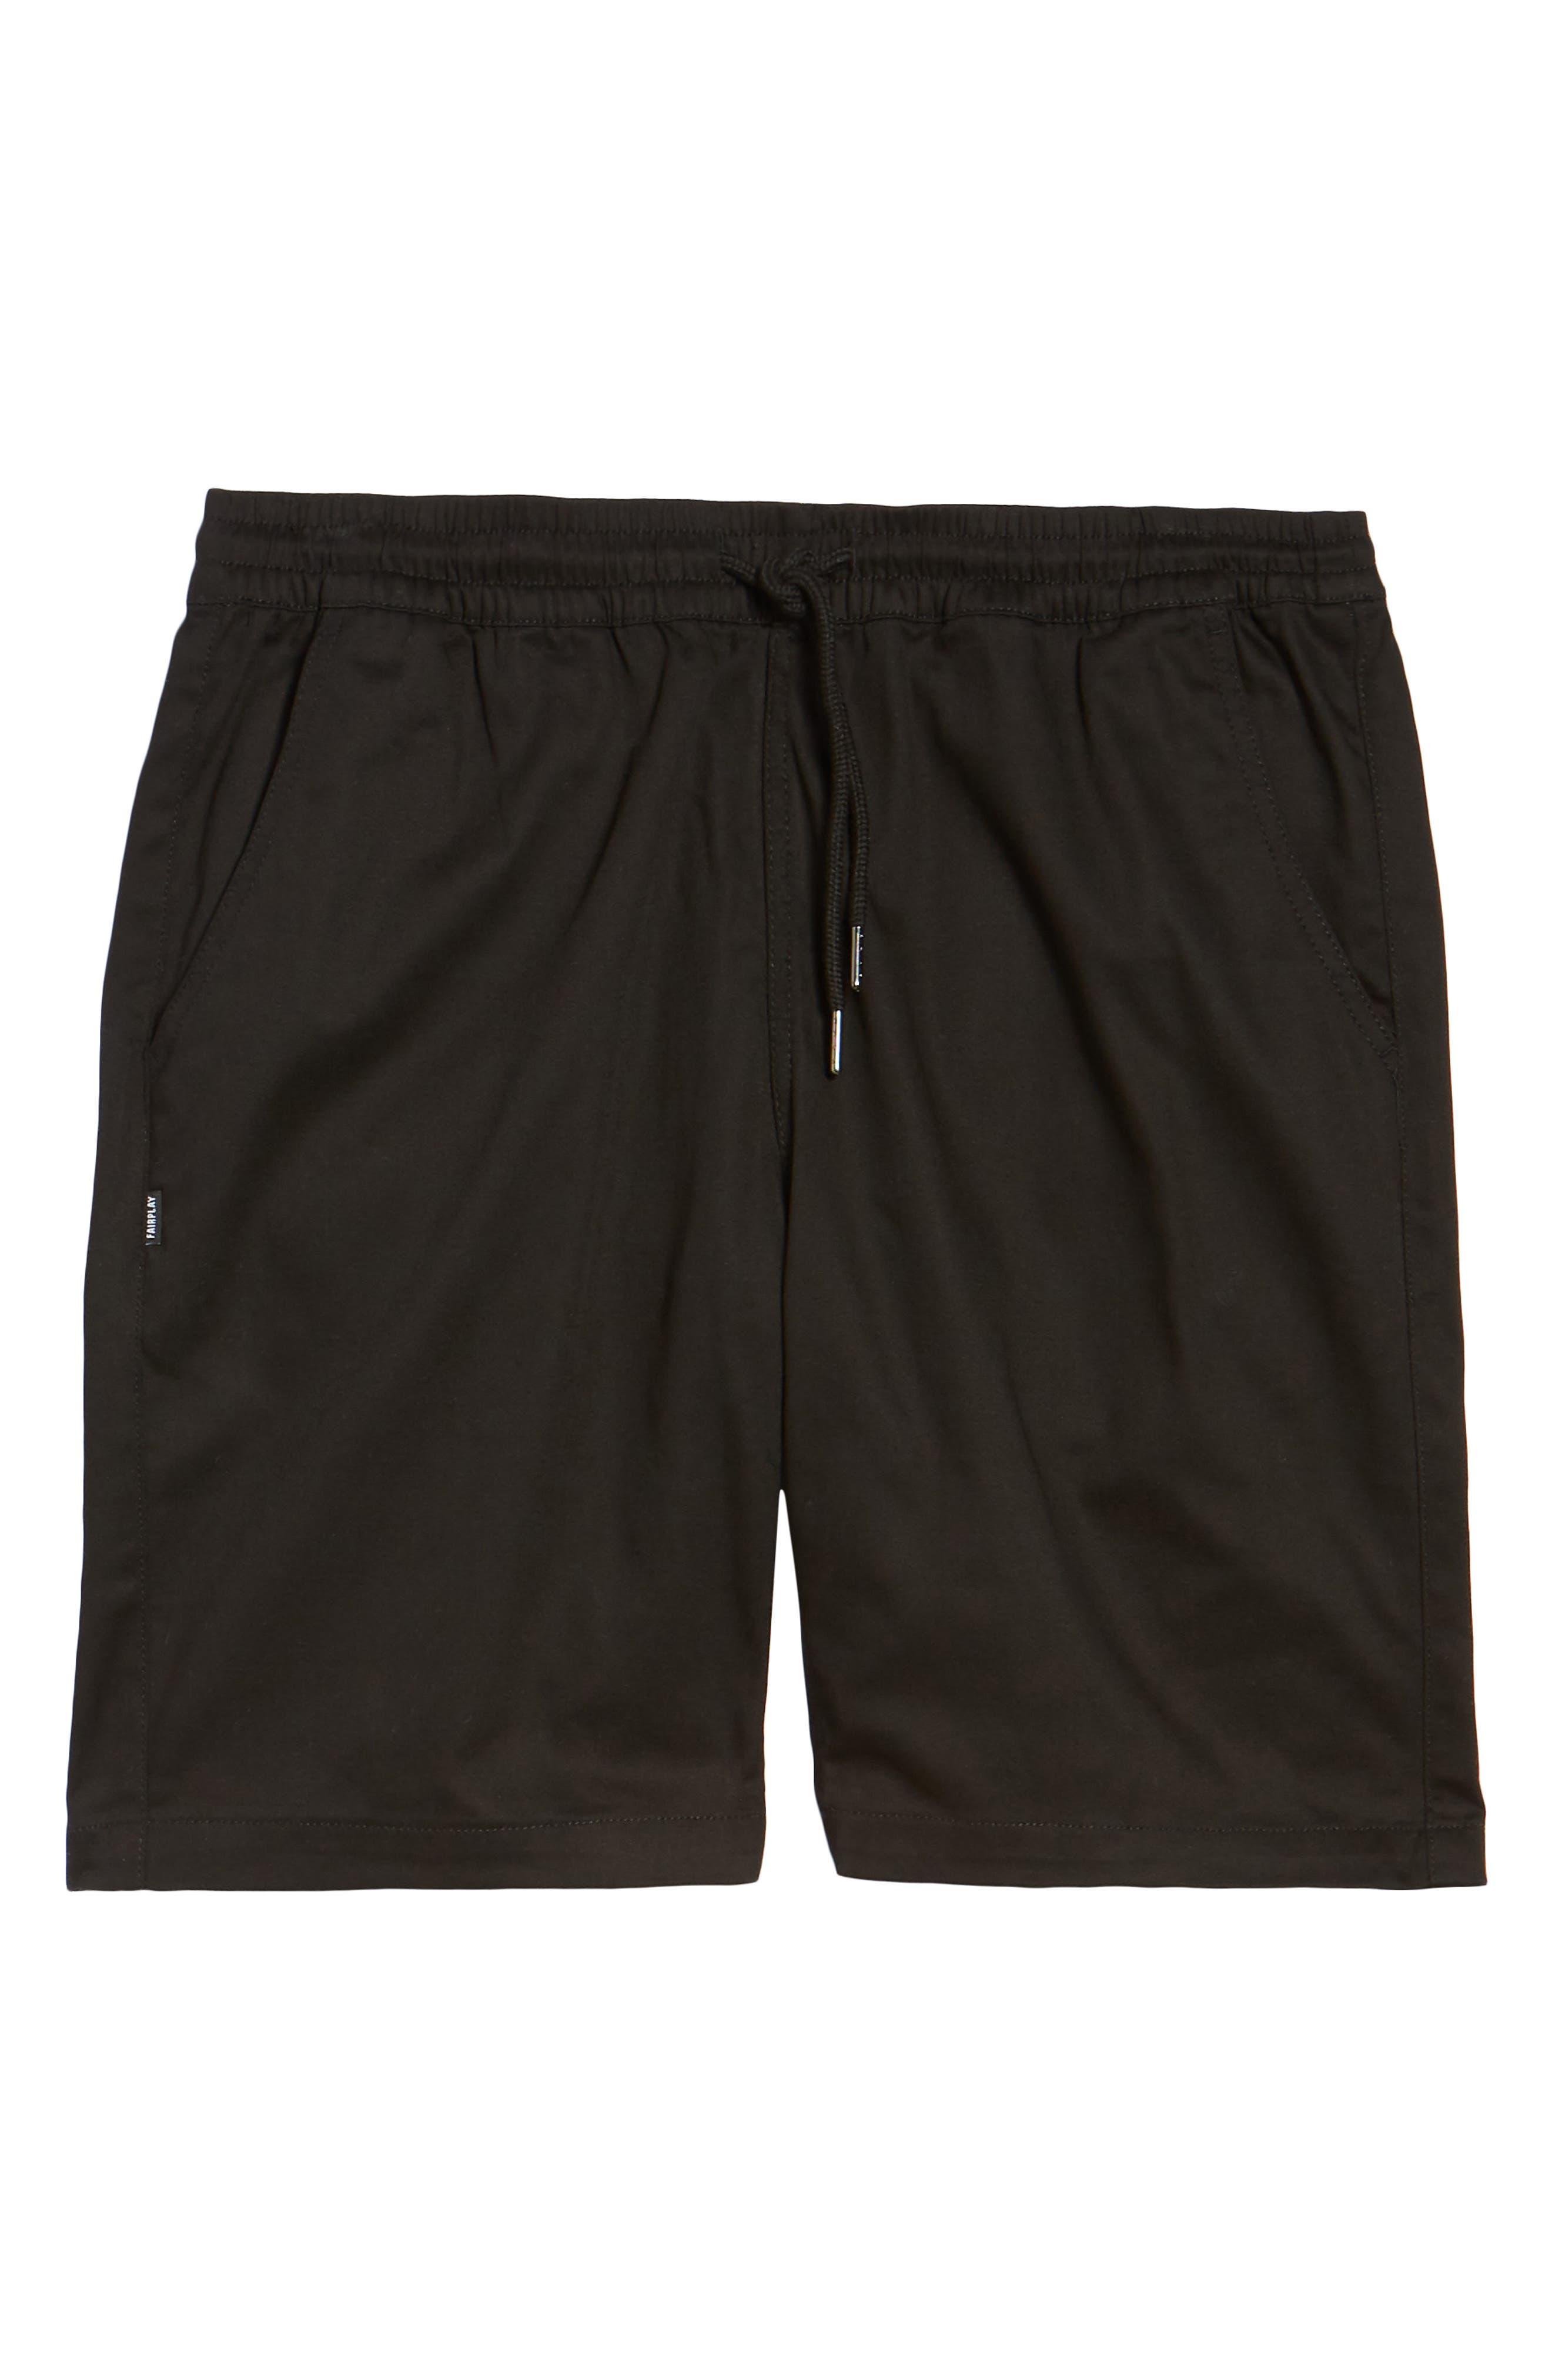 Runner Shorts,                             Alternate thumbnail 6, color,                             001